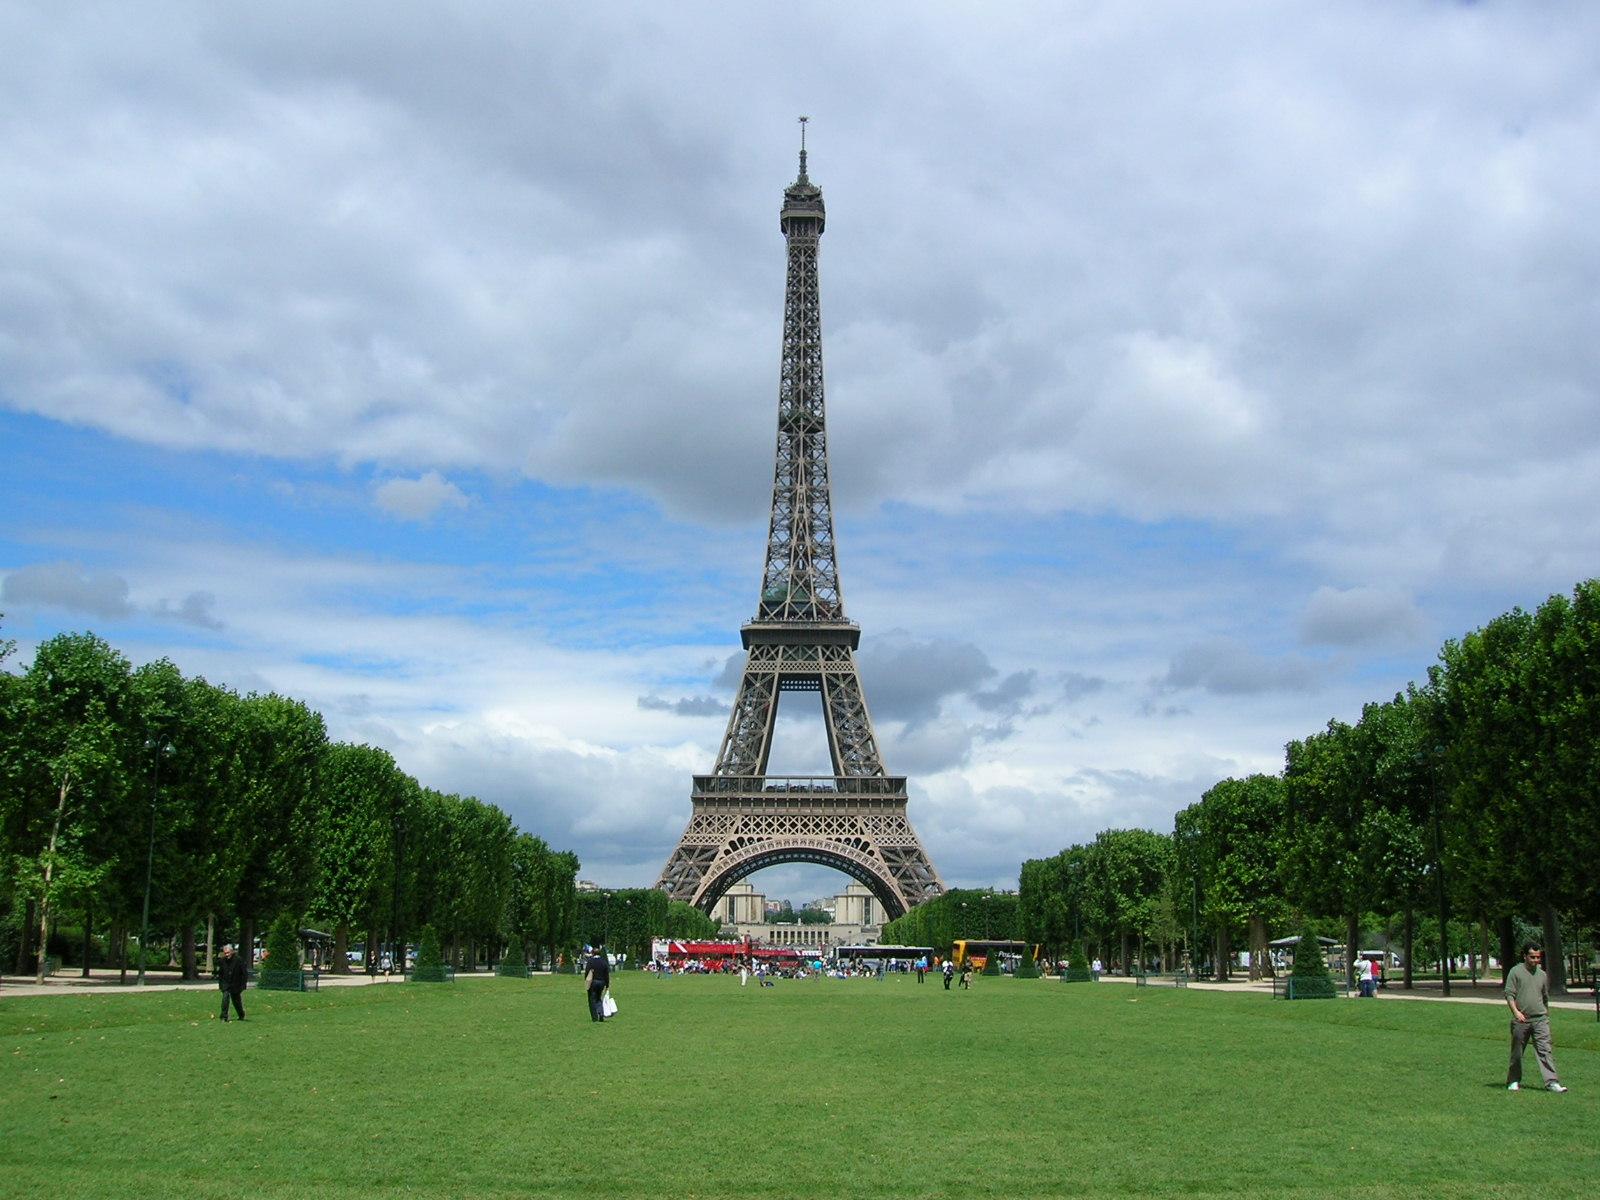 La Tour Eiffel, vue du Champs de Mars - Crédit photo : Tony Grist / Wikimedia Commons